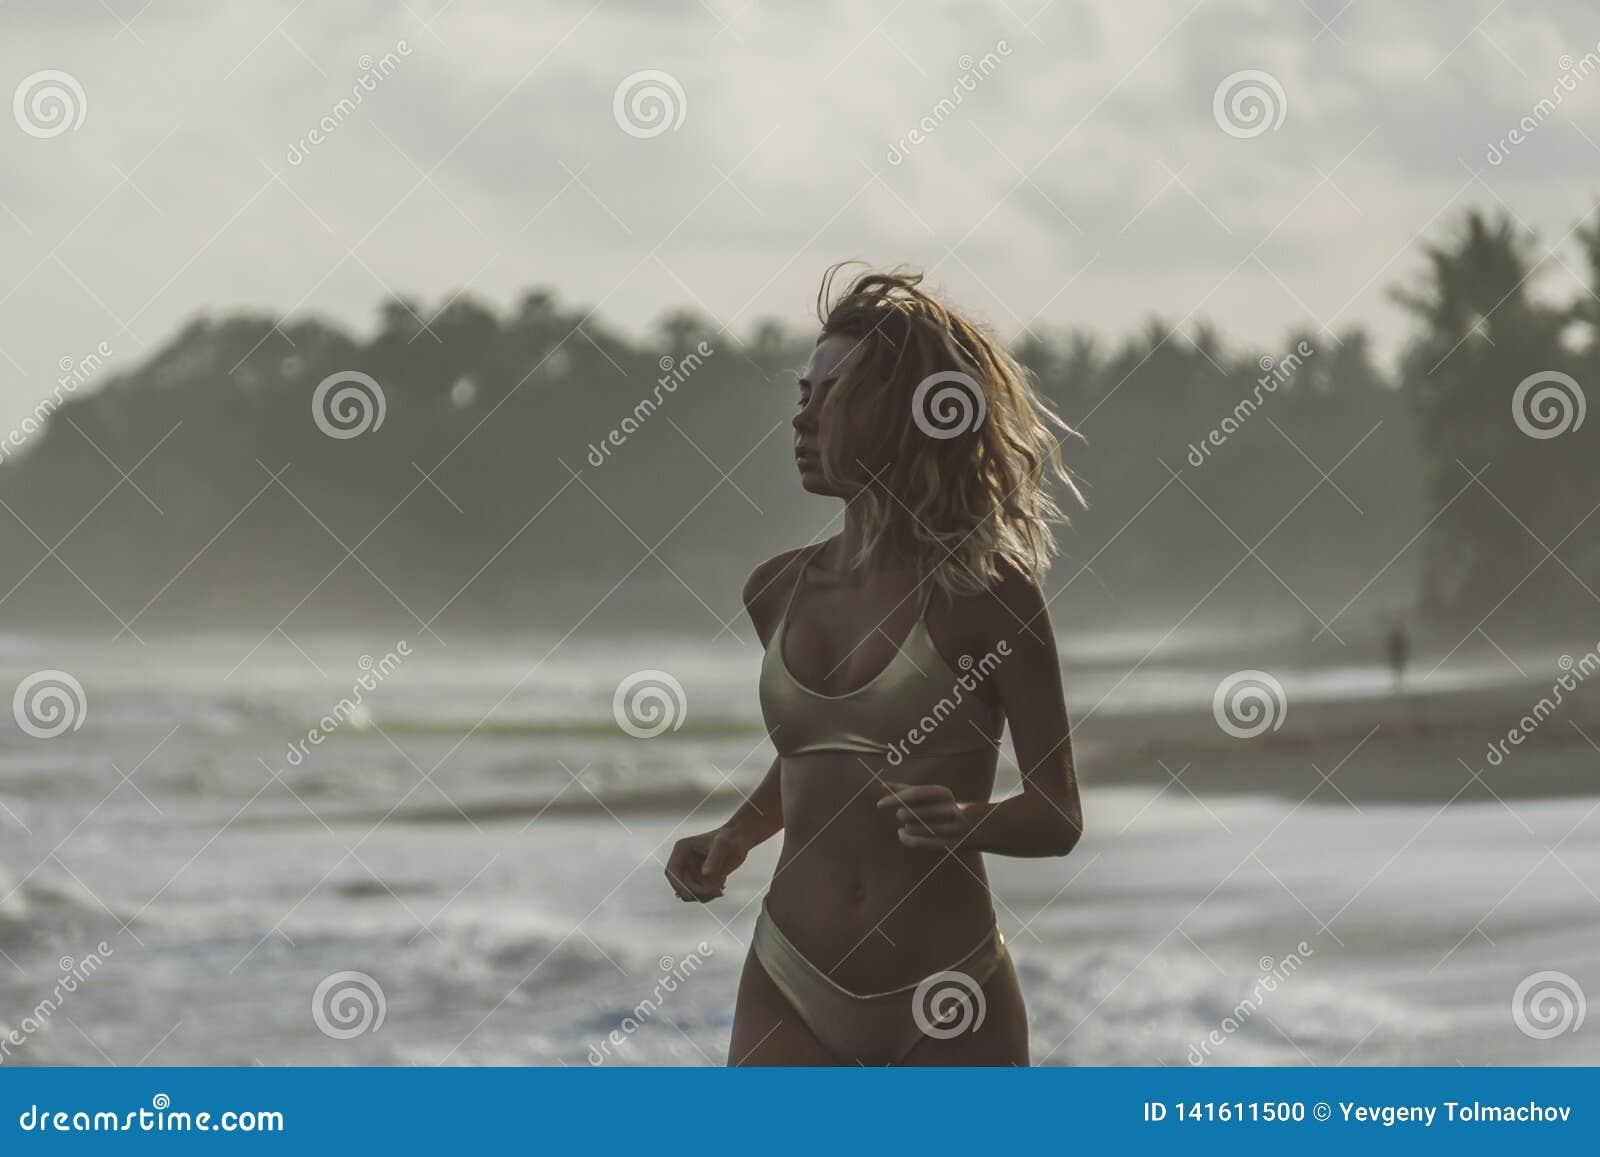 Η πανέμορφη νέα γυναίκα στο χρυσό μπικίνι με τον αθλητισμό λογαριάζει τα τρεξίματα το βράδυ στην παραλία